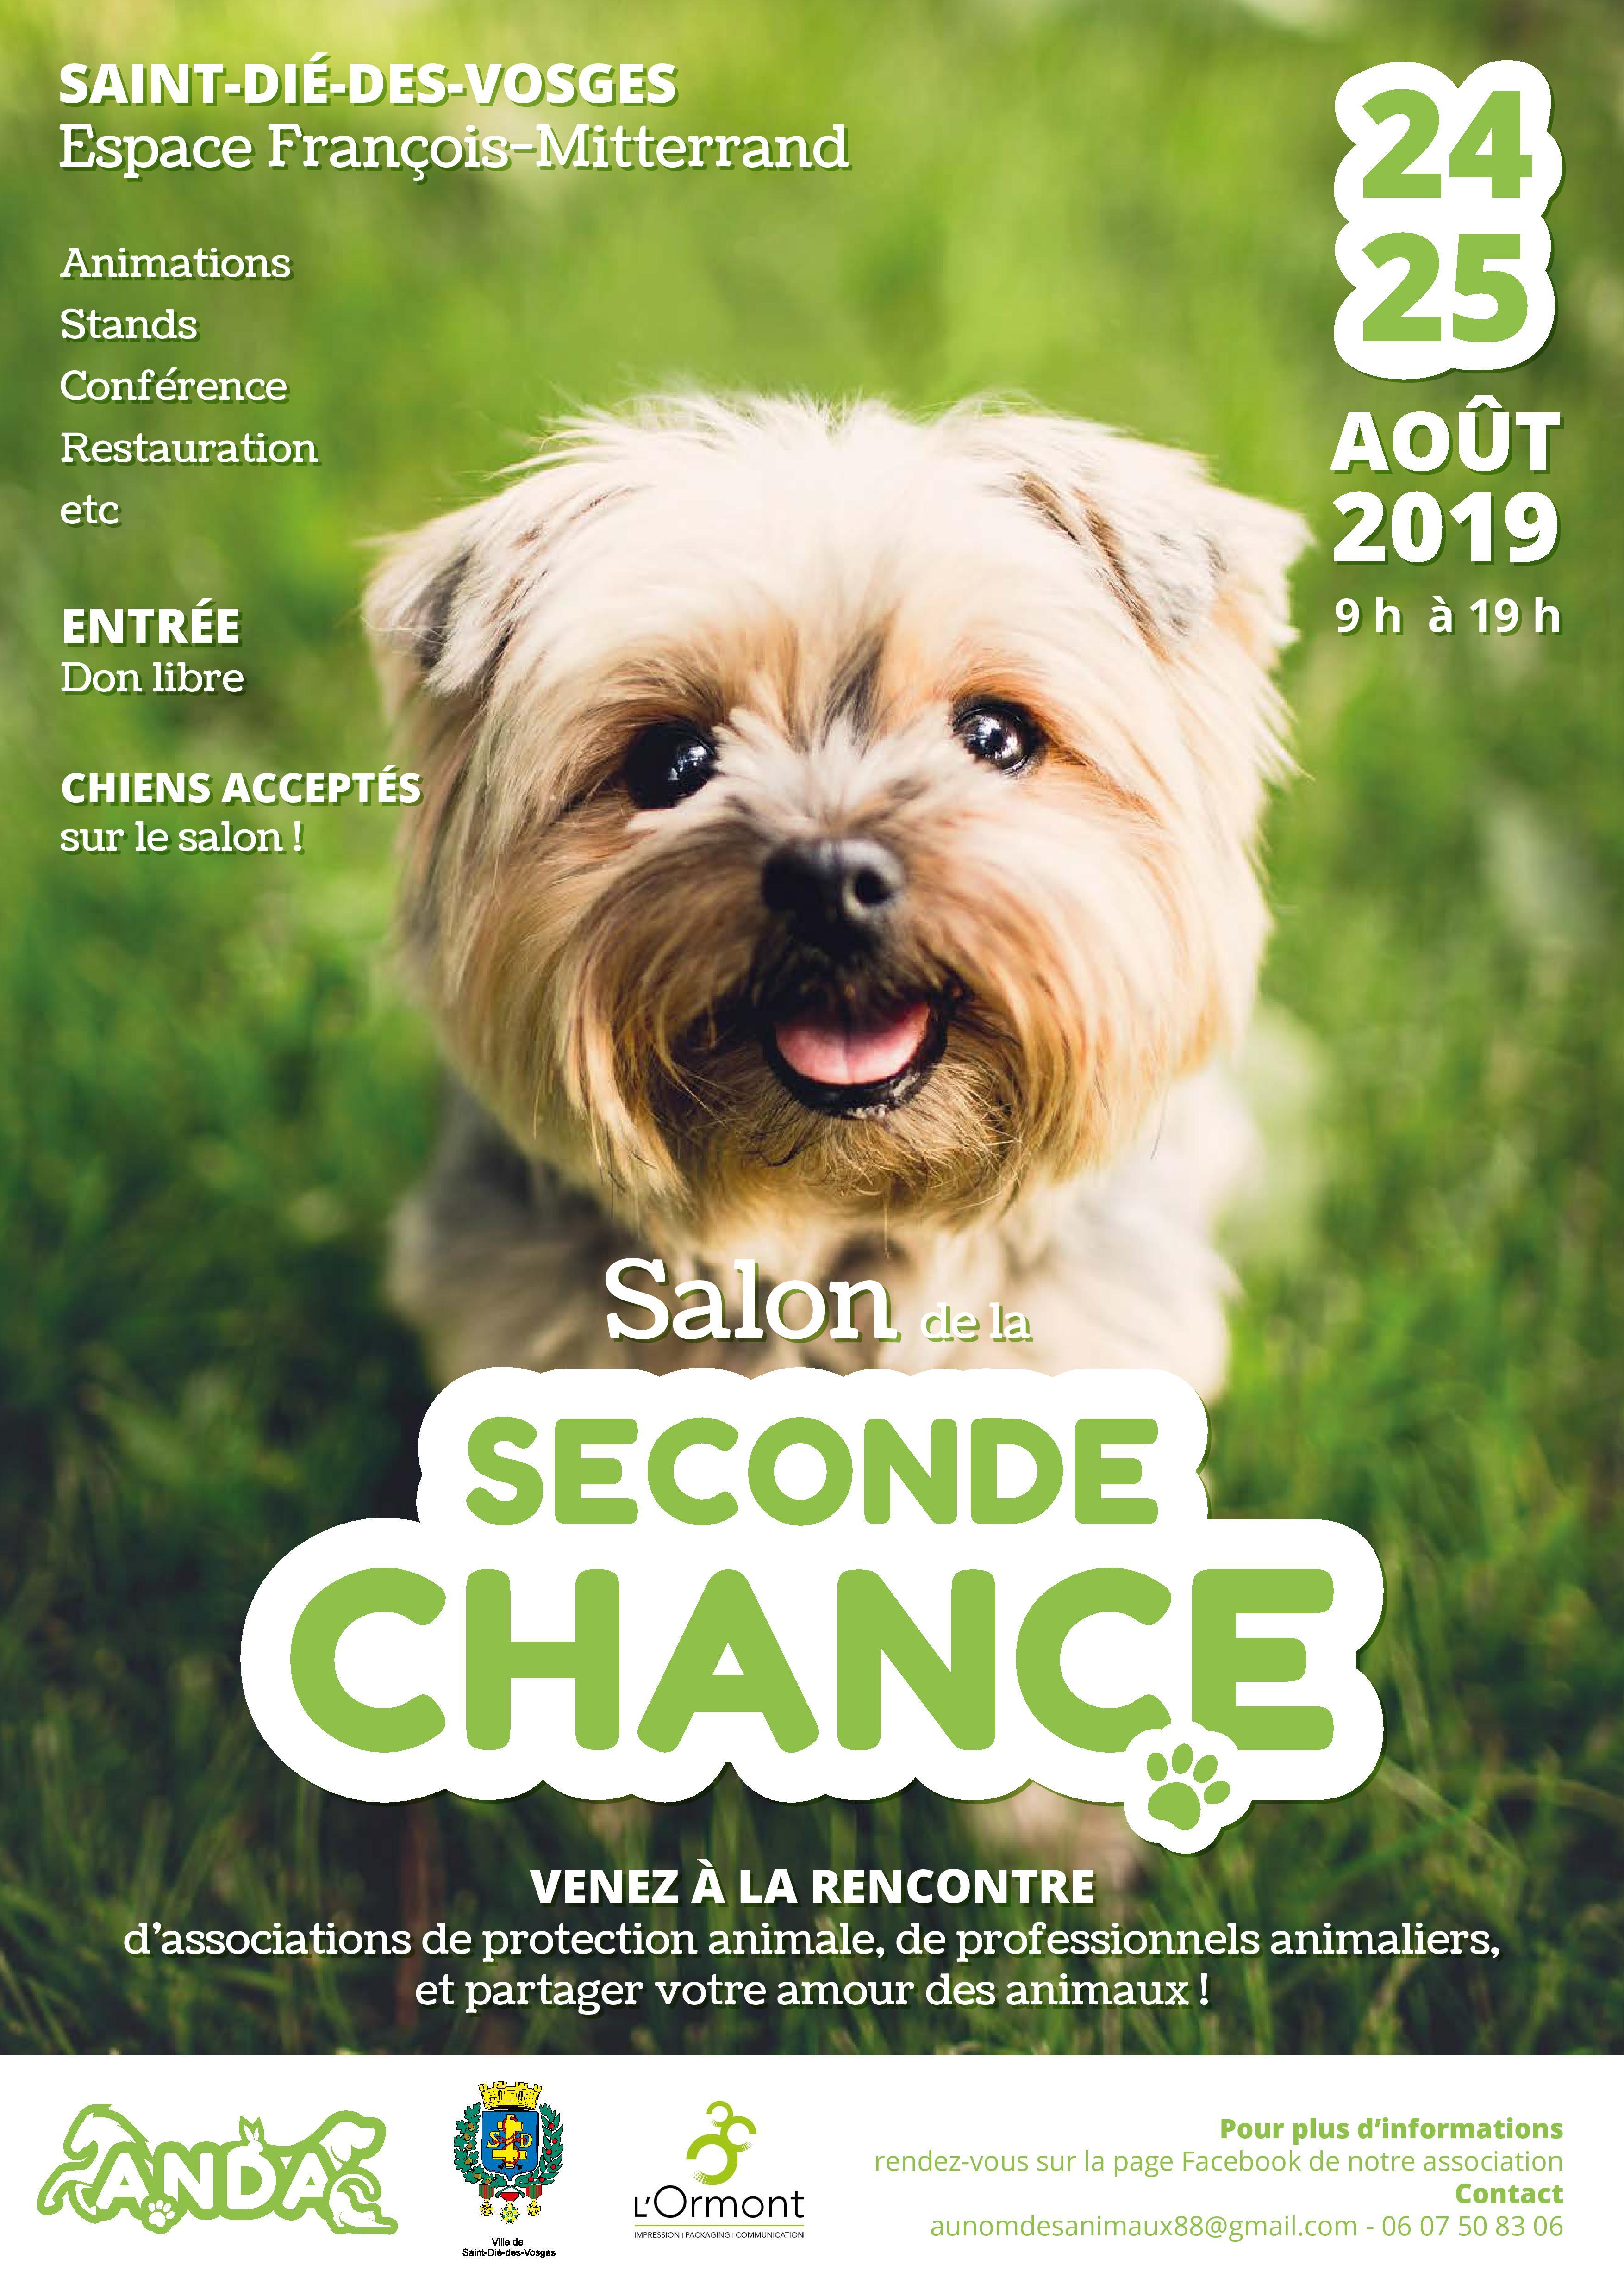 Rappel – Le salon animalier de la seconde chance de Saint-Dié-des-Vosges est de retour les 24 et 25 août